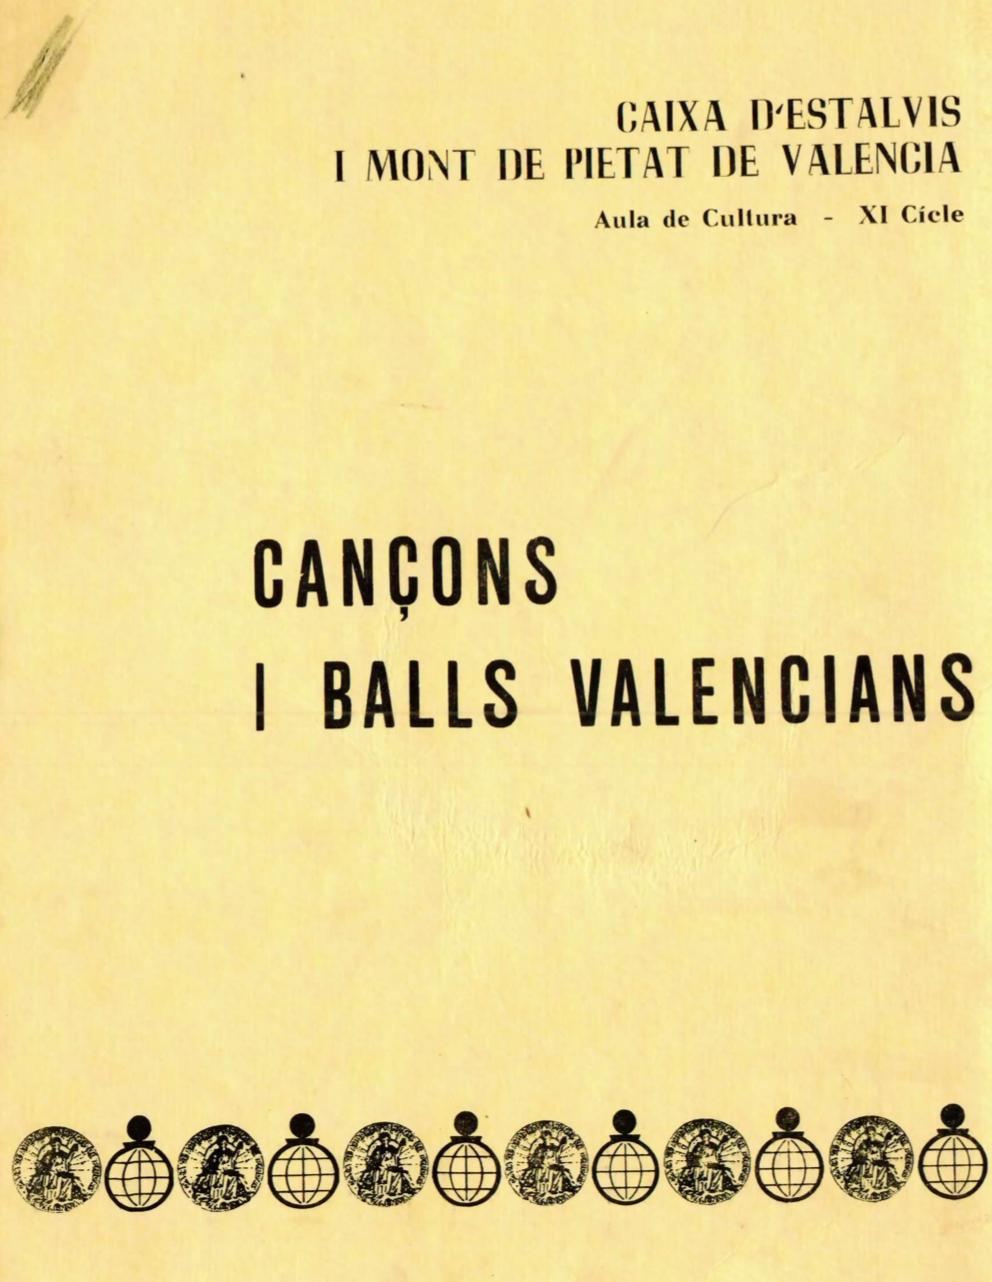 1975 Pavesos Aula de Cultura València